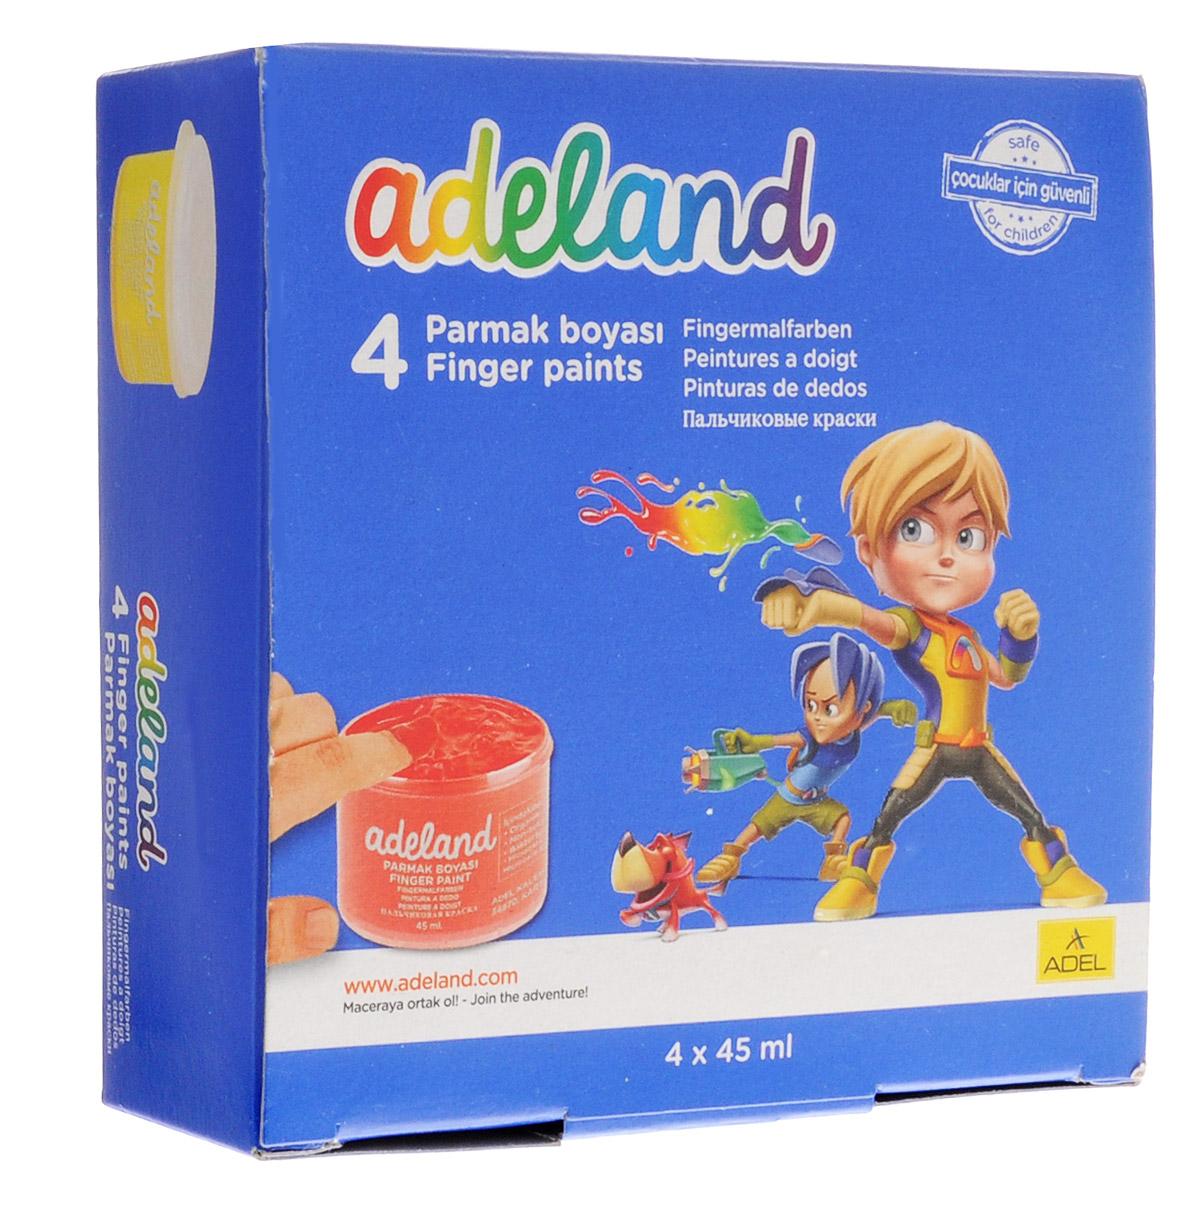 Adel Краски пальчиковые Adeland 4 цвета234-0630-100Водорастворимые яркие краски Adel Adeland предназначены для рисования пальцами, кисточкой или губкой на бумаге и картоне.Путем смешивания красок может получится неограниченное количество тонов. Краски упакованы в картонную коробку и находятся в пластиковых баночках.В комплект входит 4 насыщенных цвета: желтый, красный, синий, зеленый.